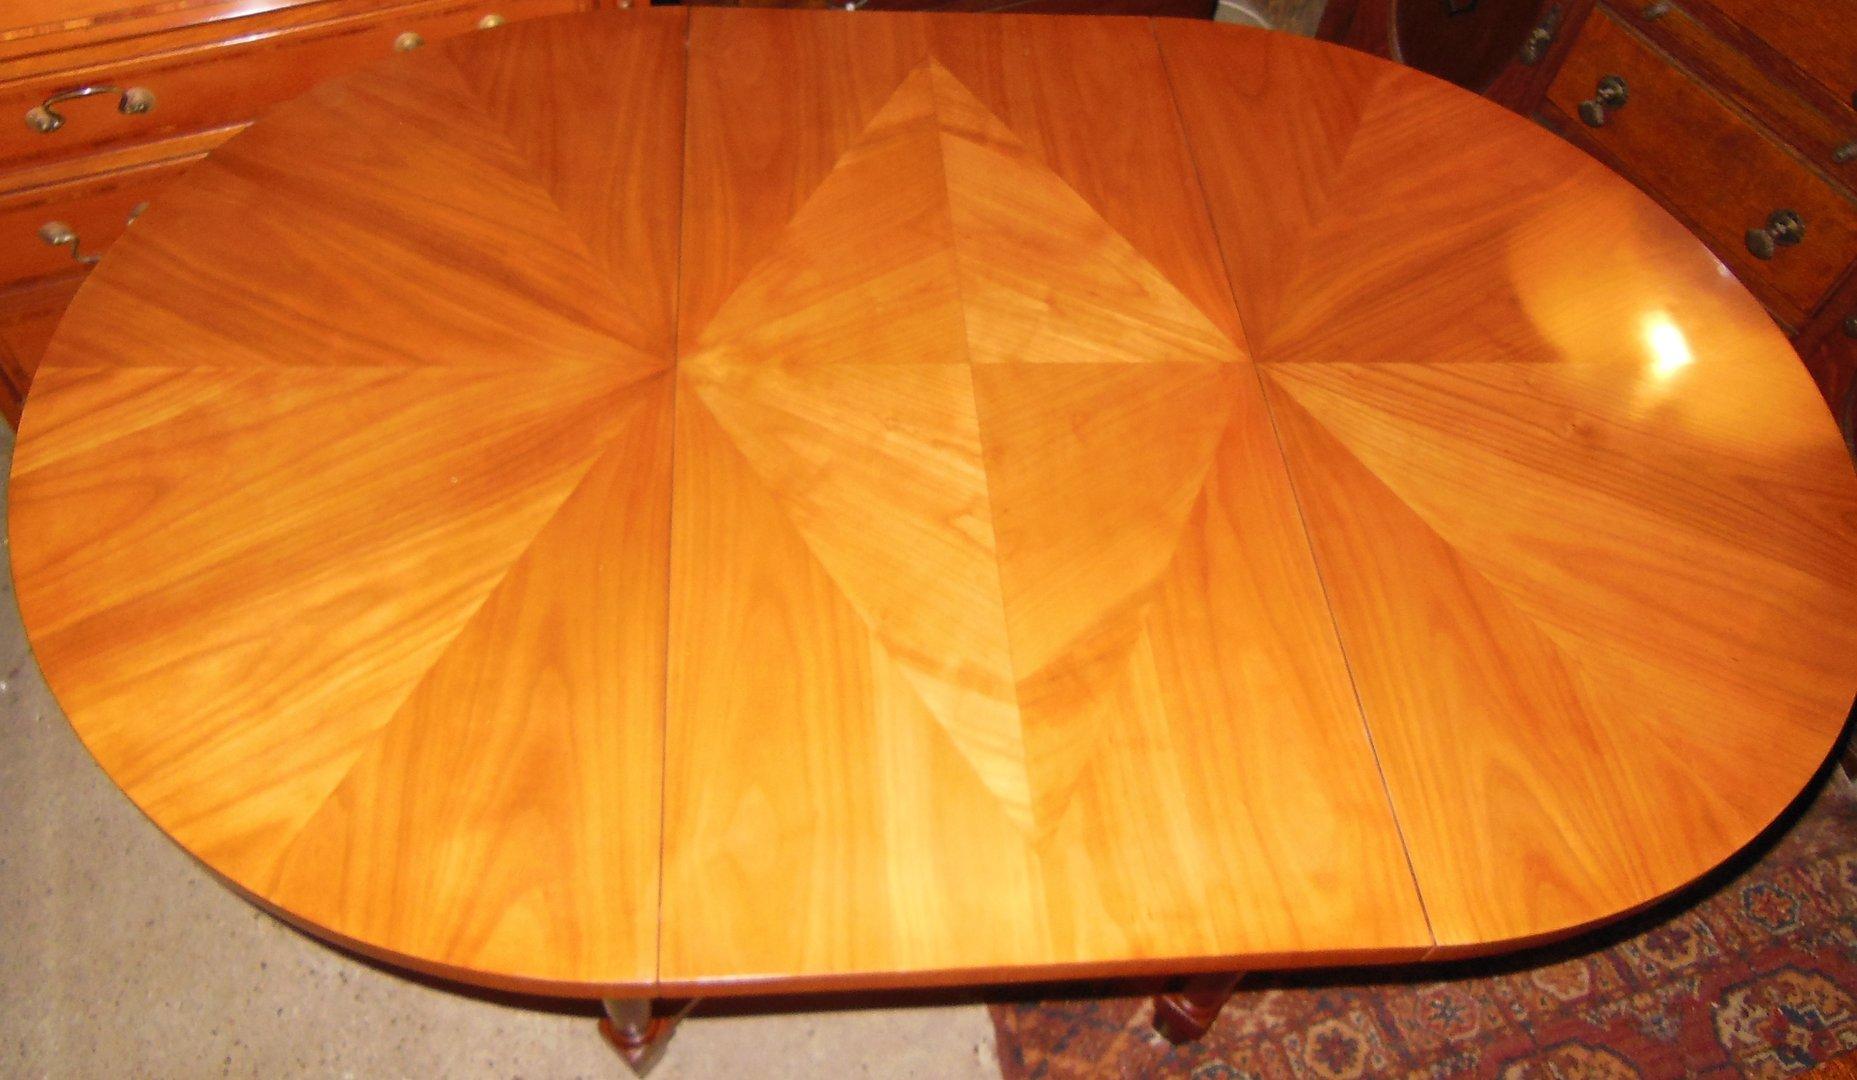 Kleiner Esstisch Rund ~ Kleiner Biedermeier Esstisch rund und verlängerbar  Antik Möbel Antiquitäten